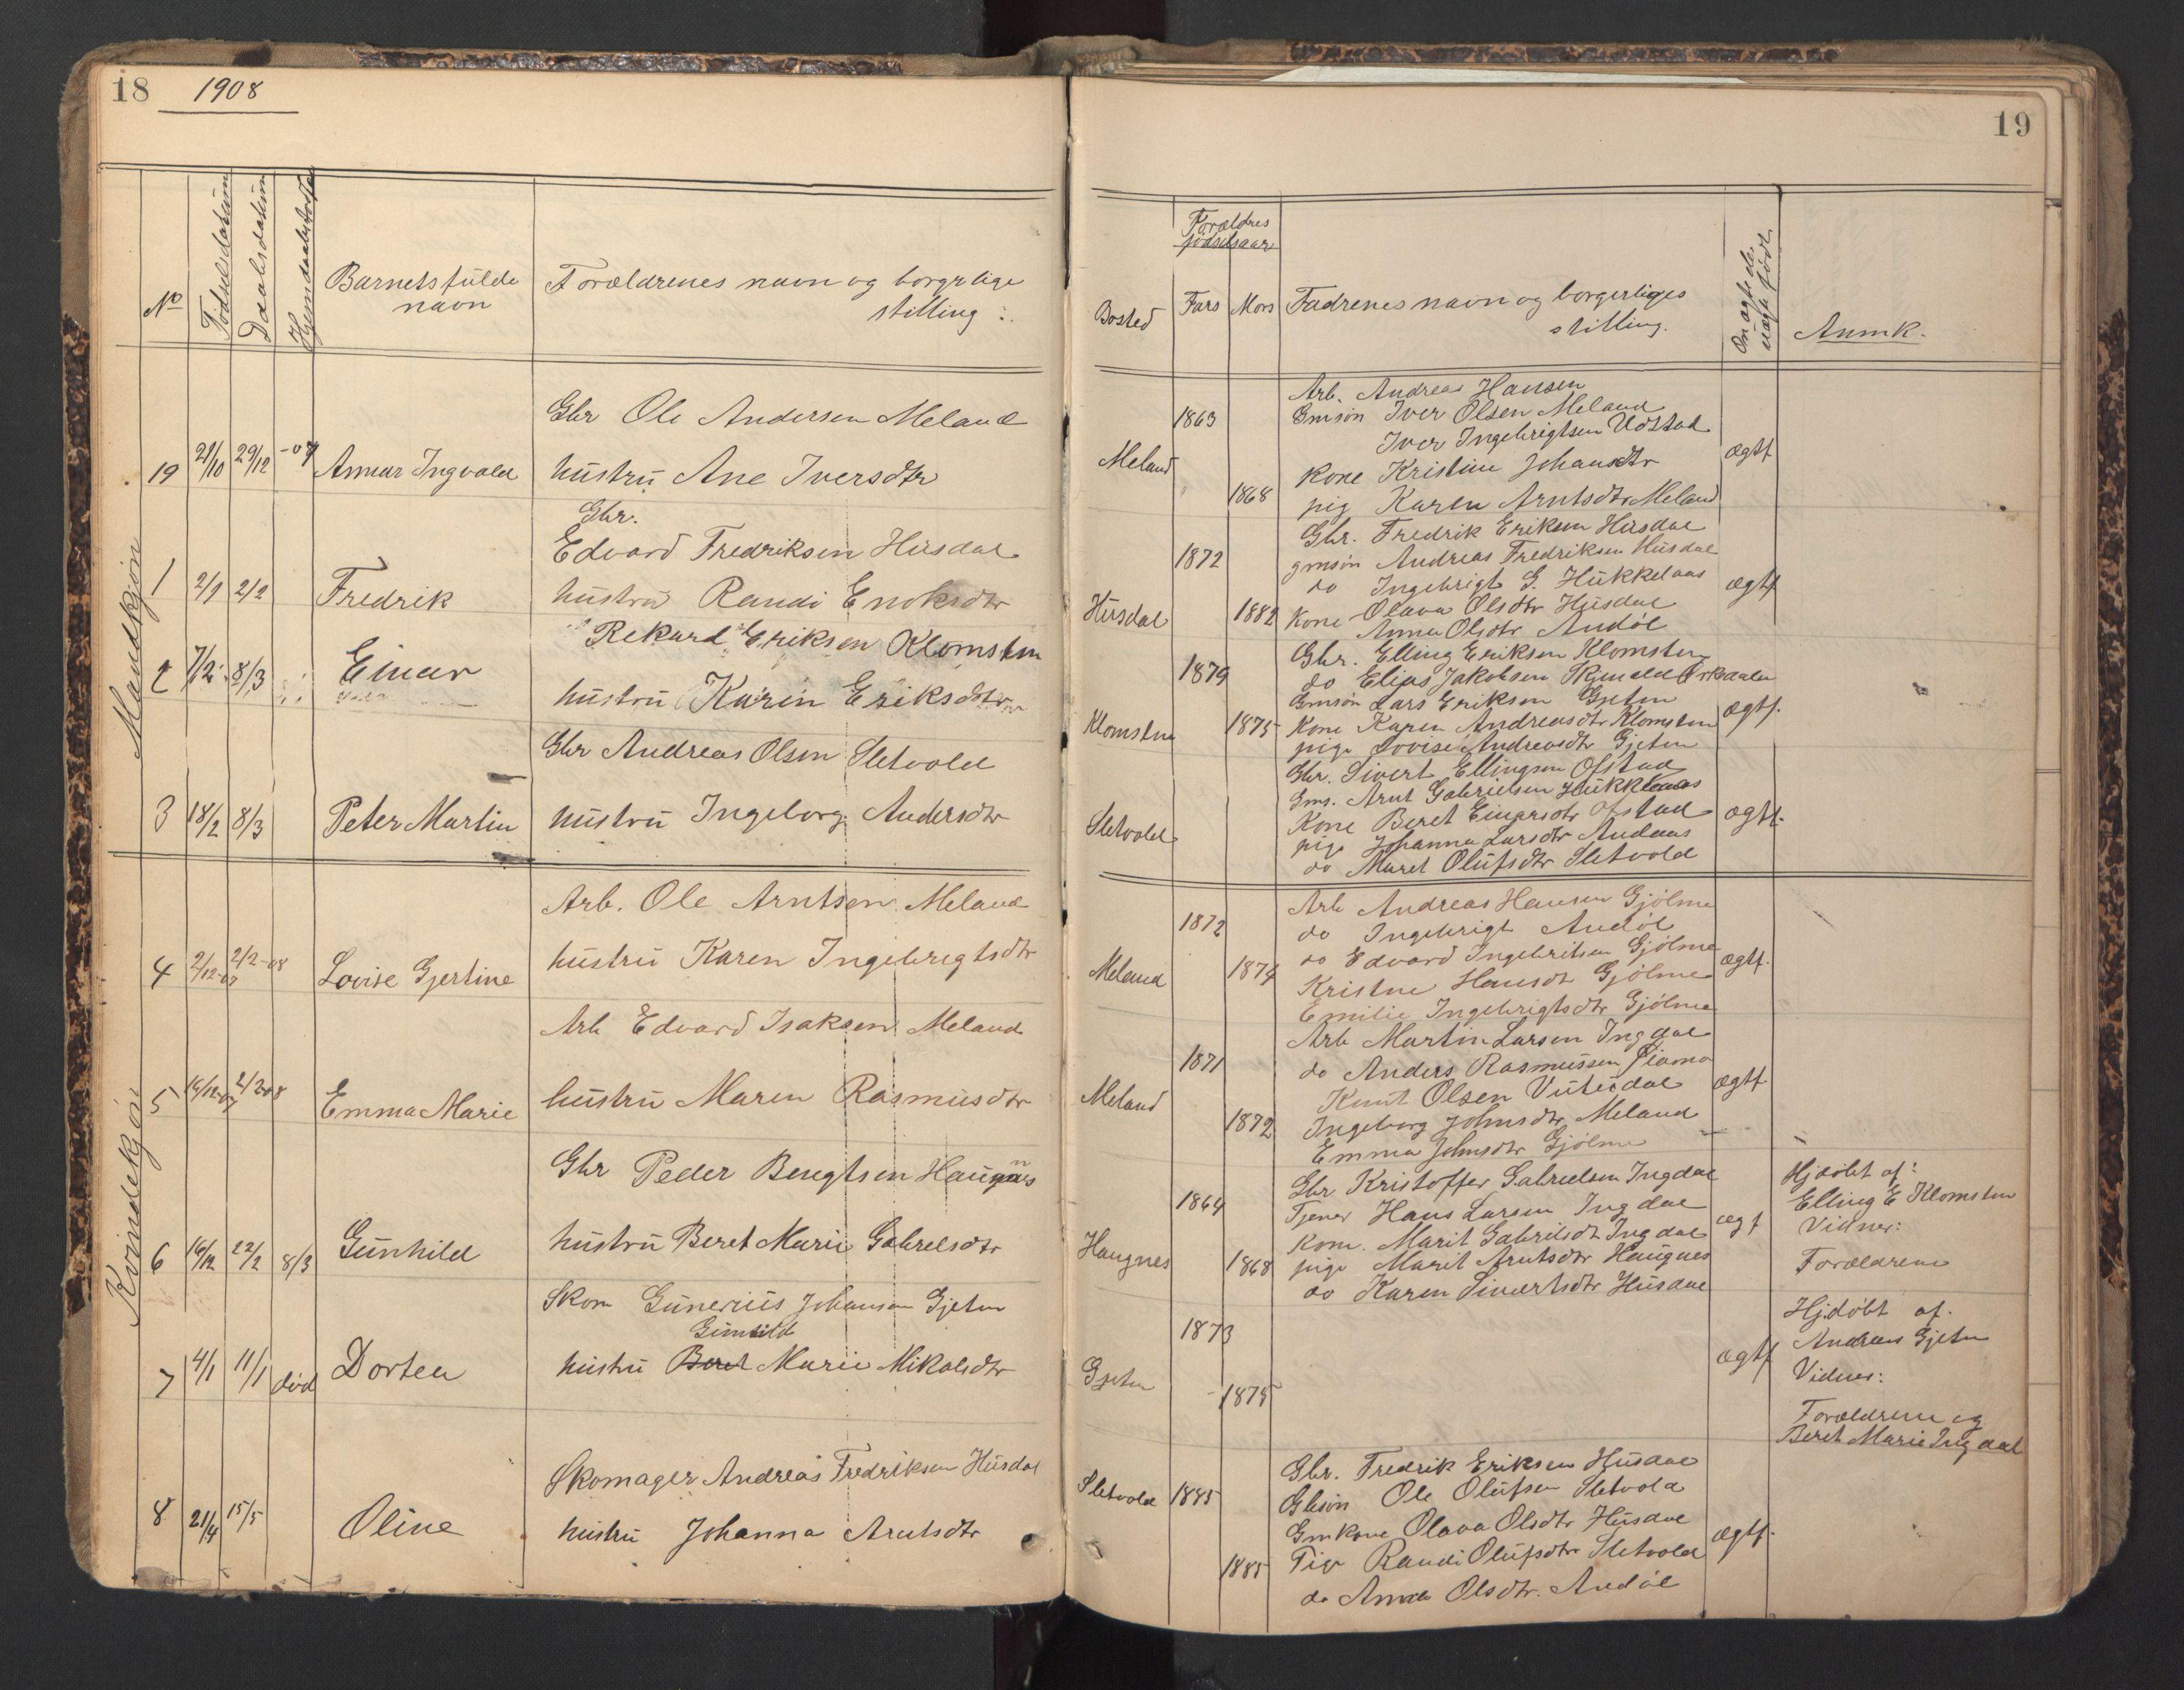 SAT, Ministerialprotokoller, klokkerbøker og fødselsregistre - Sør-Trøndelag, 670/L0837: Klokkerbok nr. 670C01, 1905-1946, s. 18-19